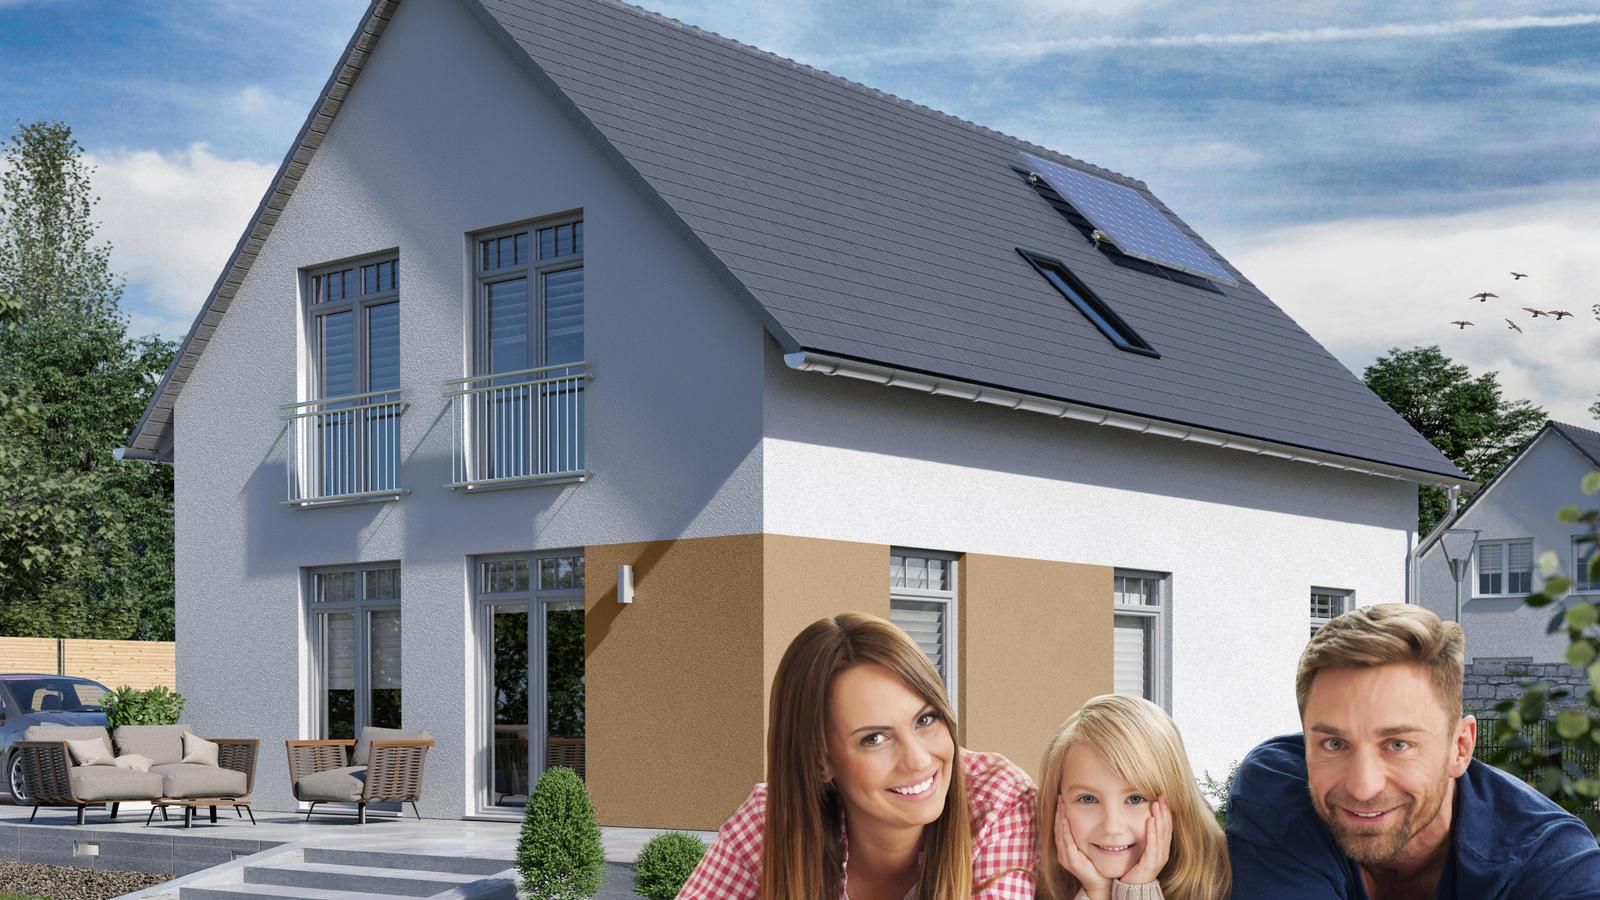 Angesichts von hohen Mieten und niedrigen Zinsen und der Risiken, die mit dem Kauf eines Hauses aus zweiter Hand einhergehen, ist ein Neubau vernünftig.